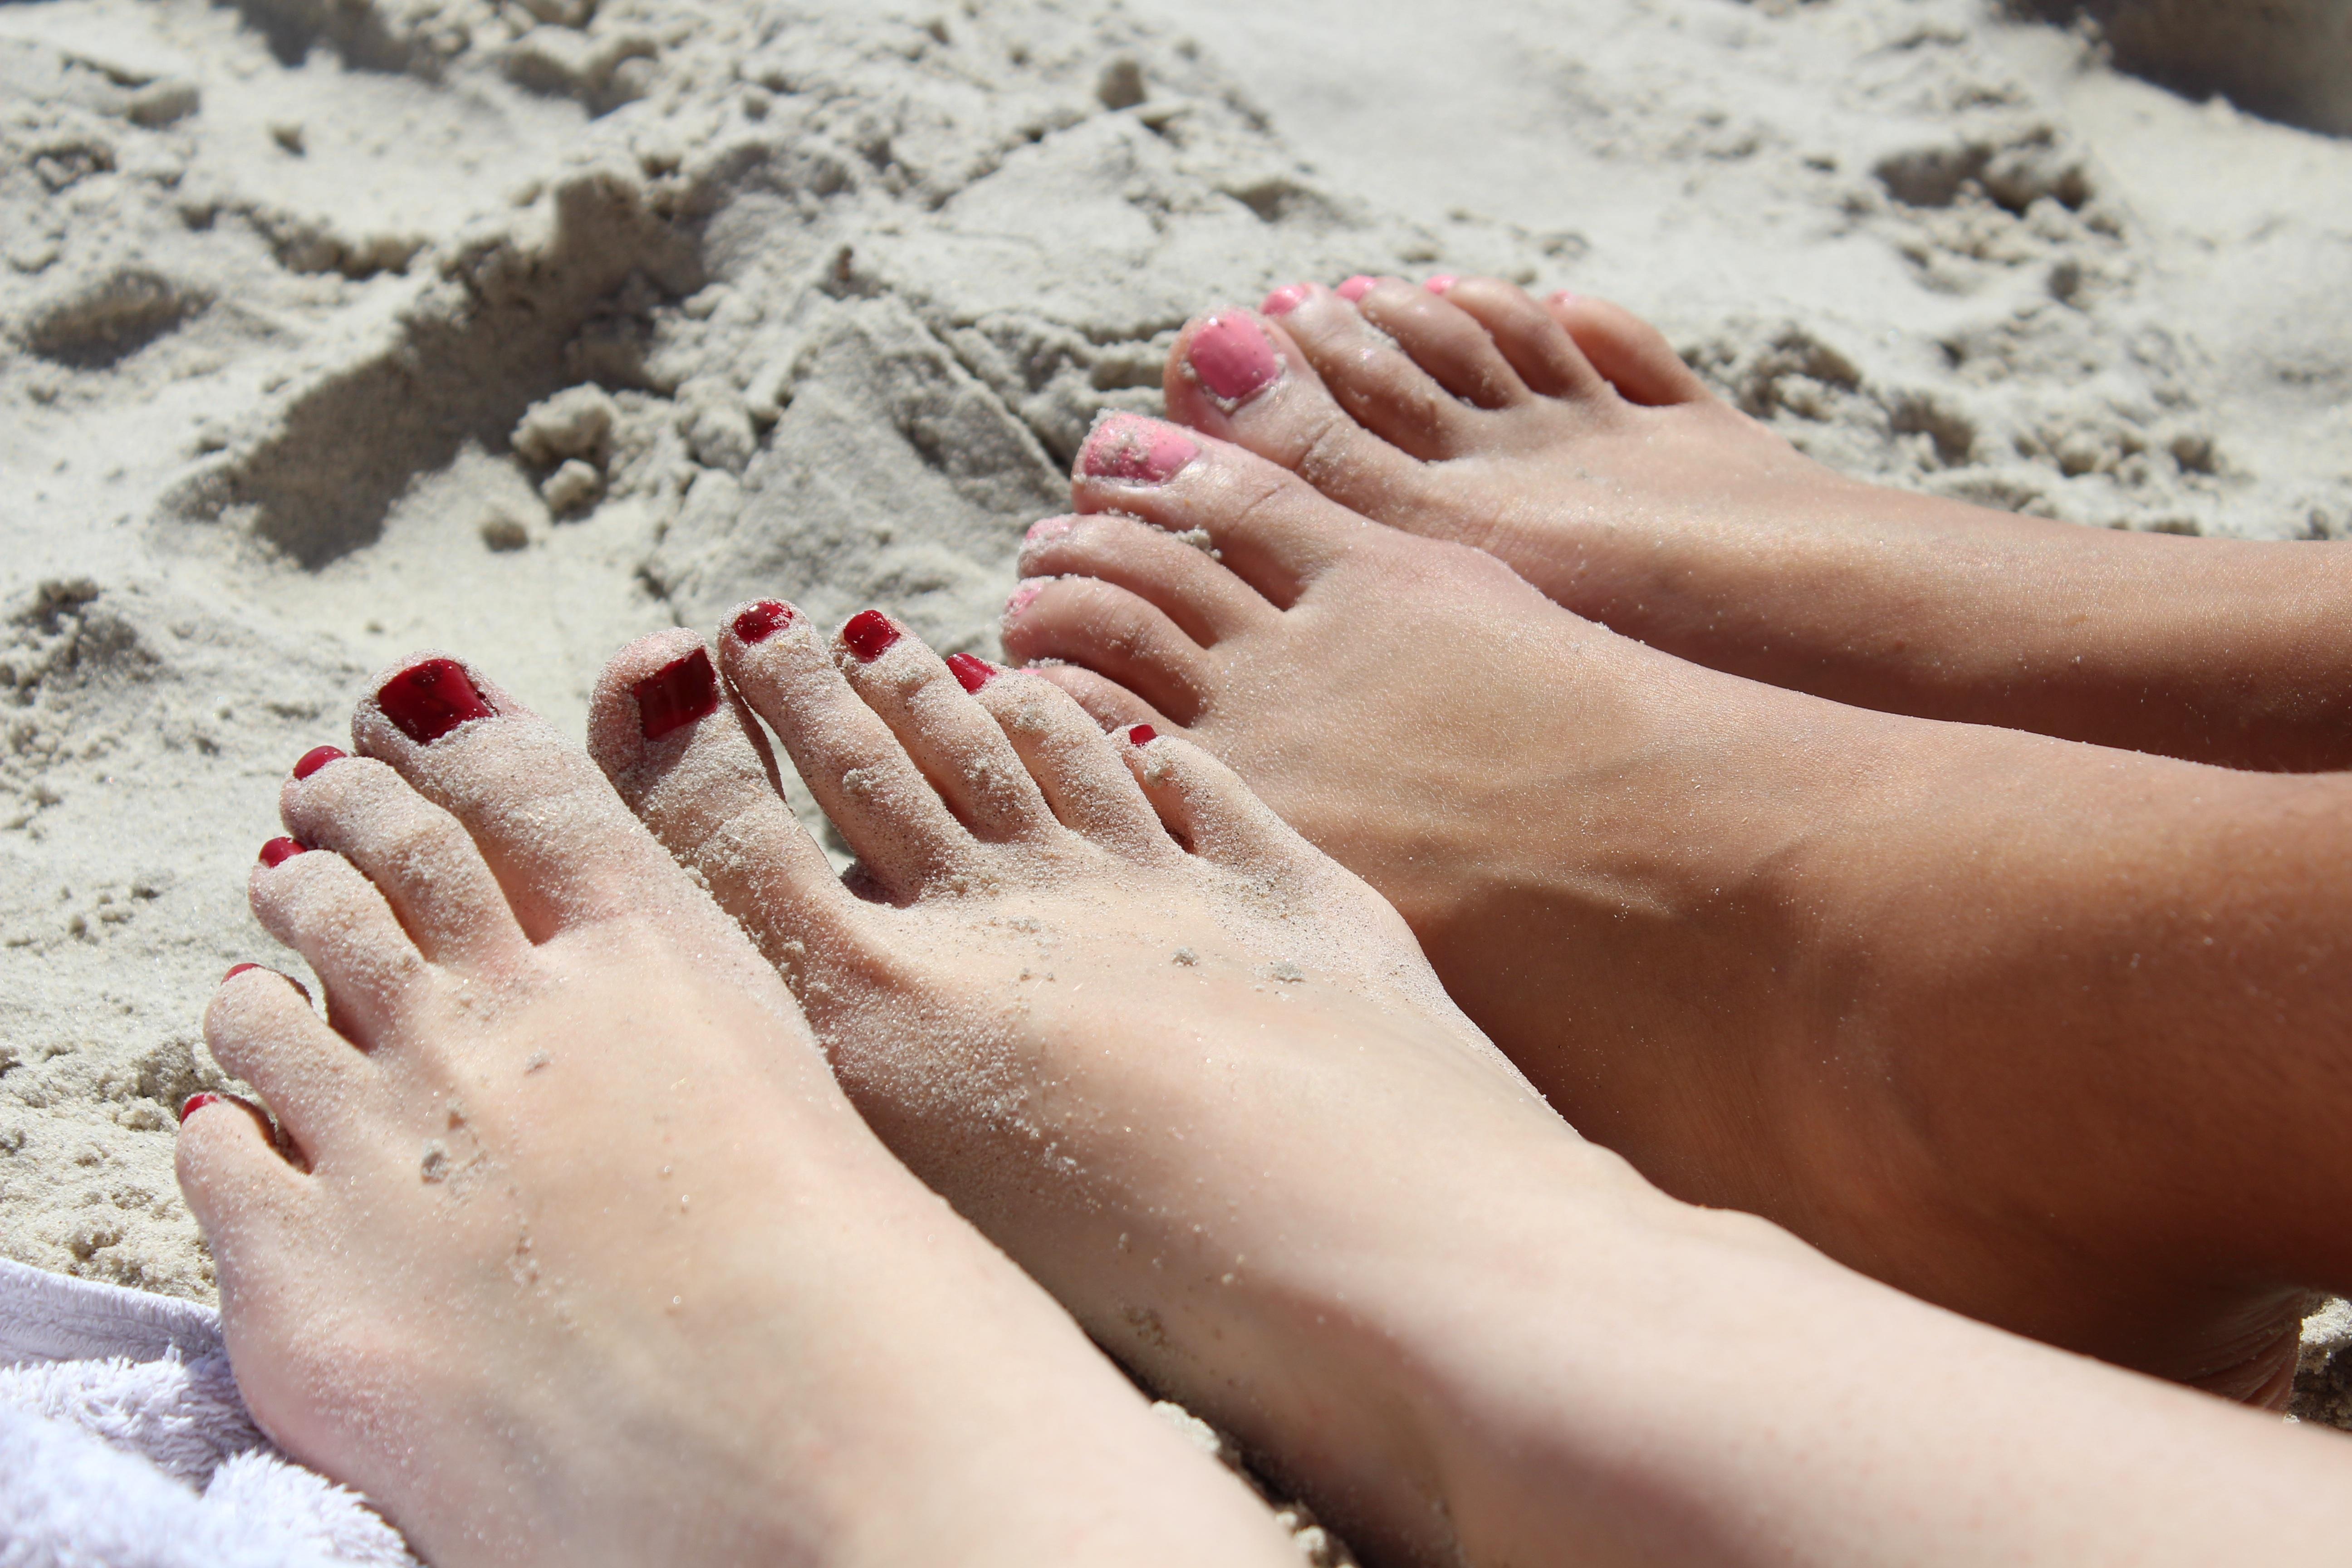 фото крупным планом пальцев ног девушек